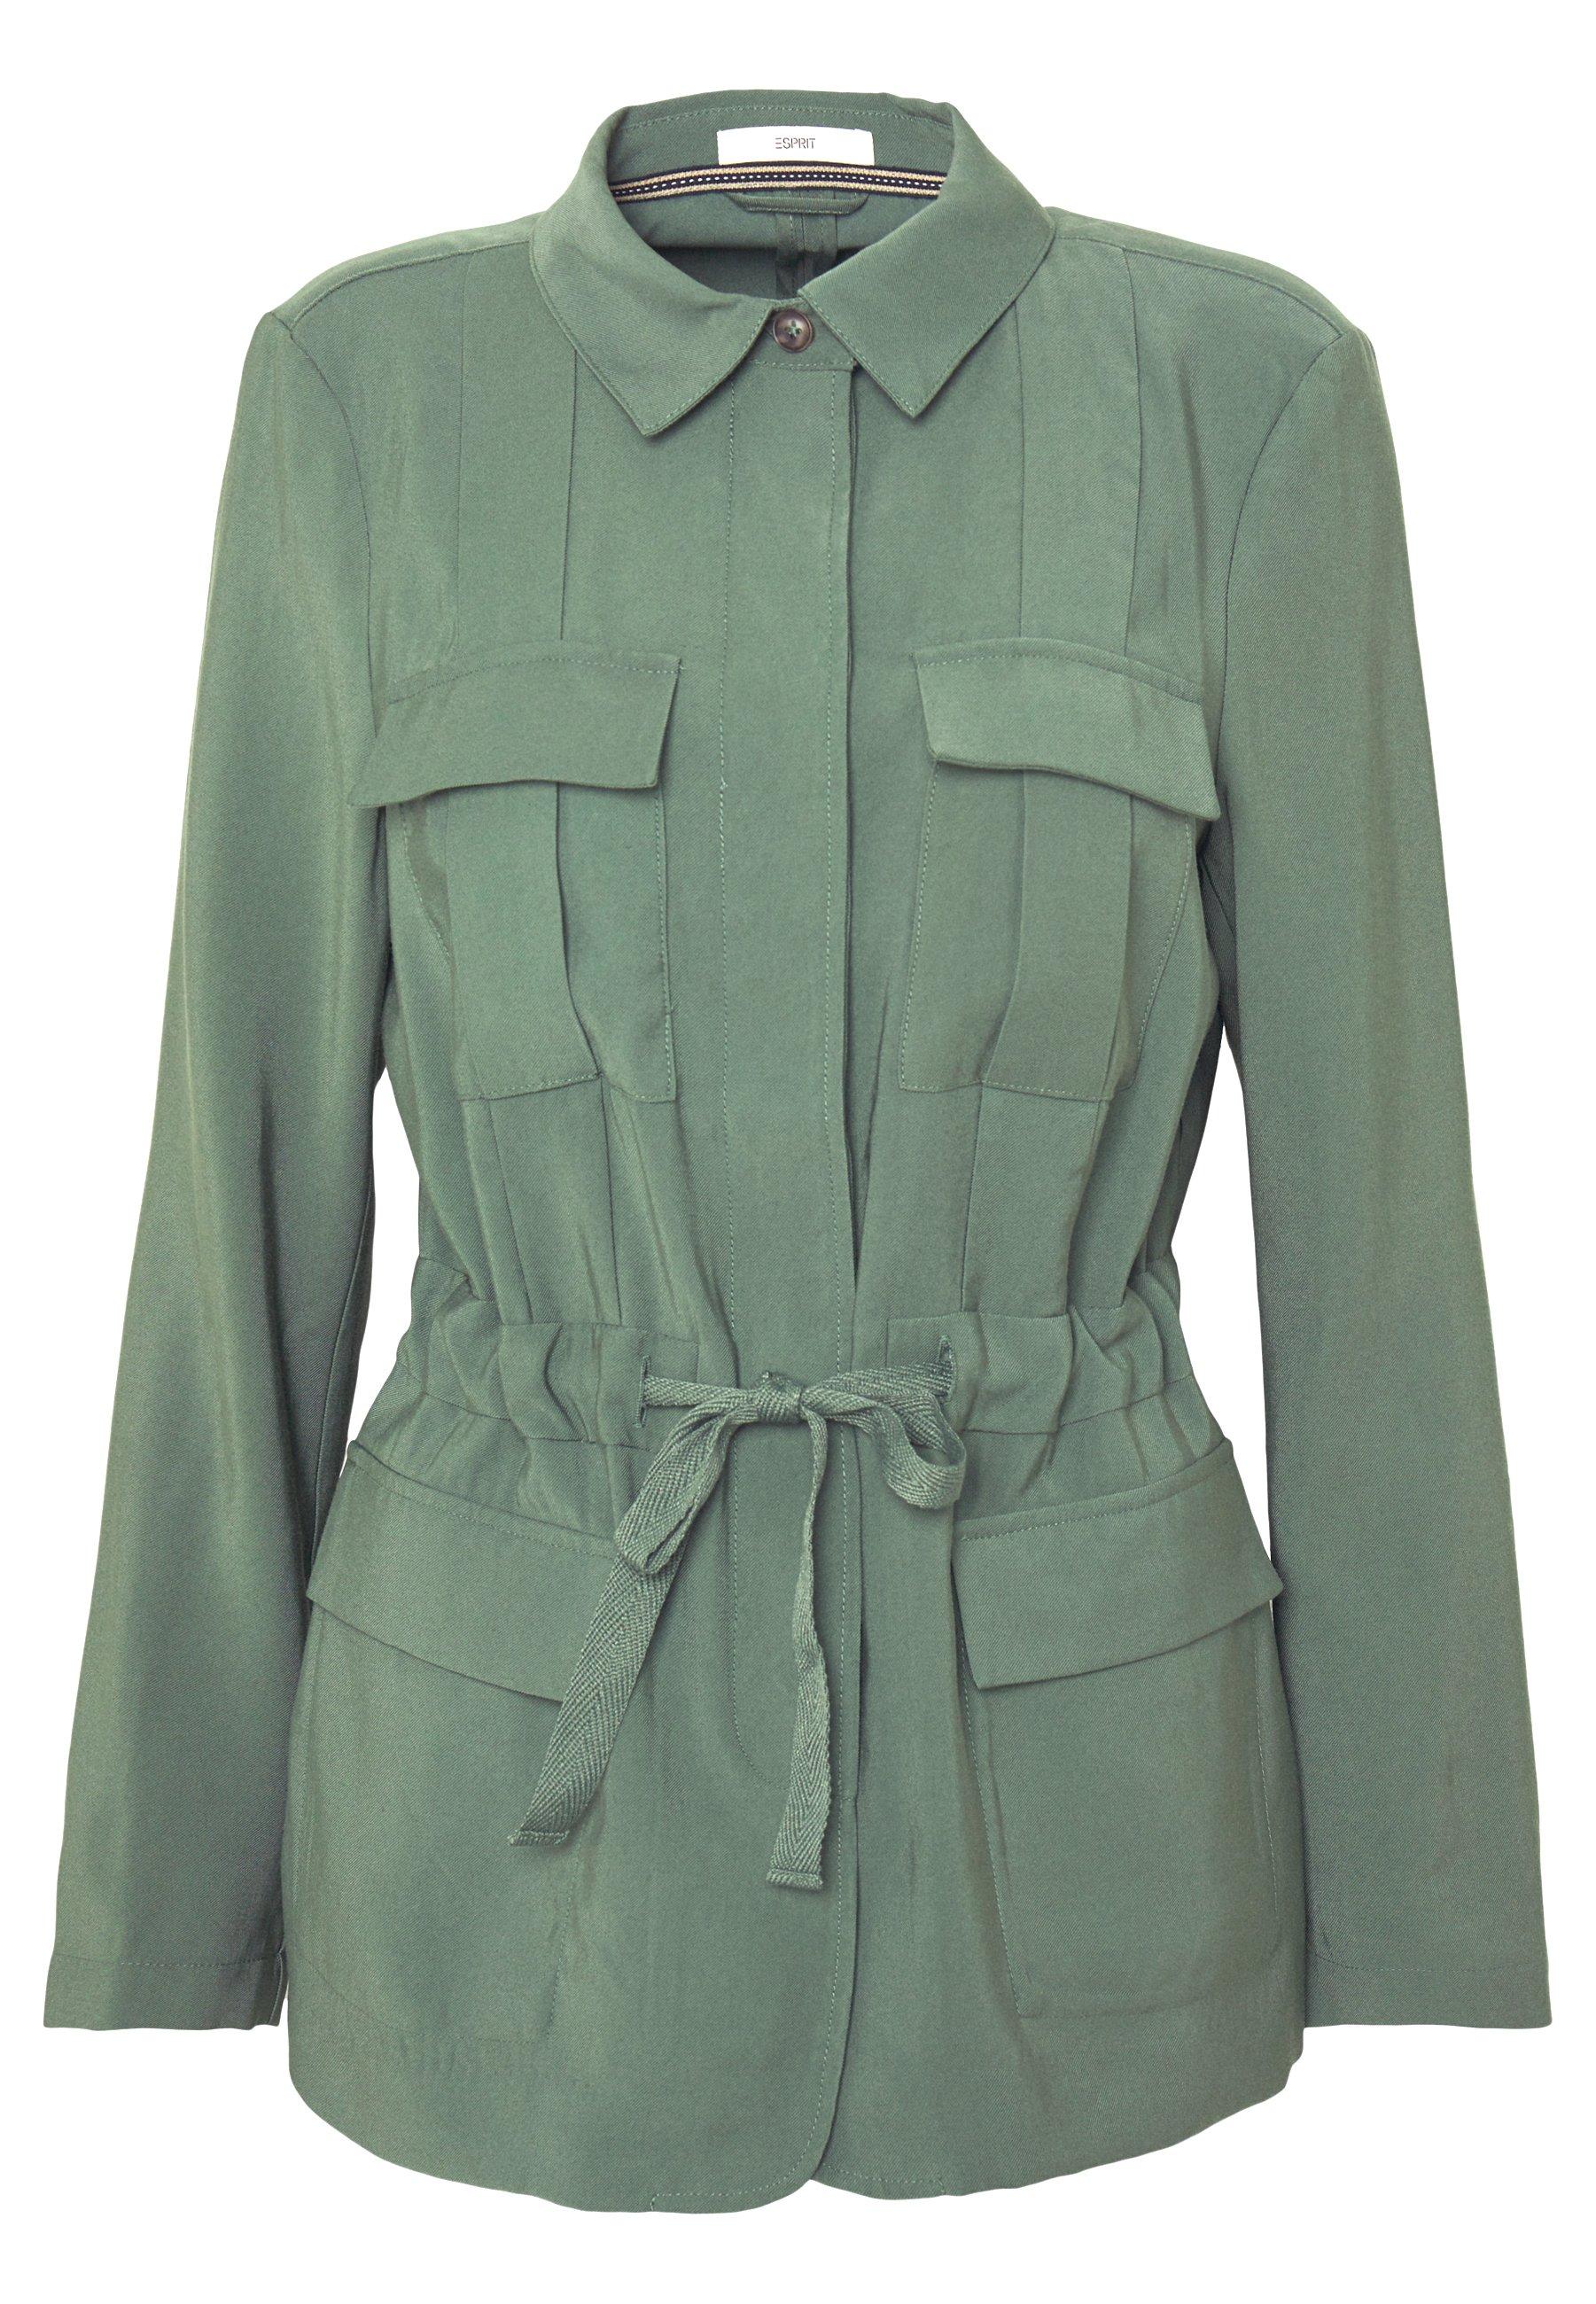 UTILITY Kurtka wiosenna khaki green